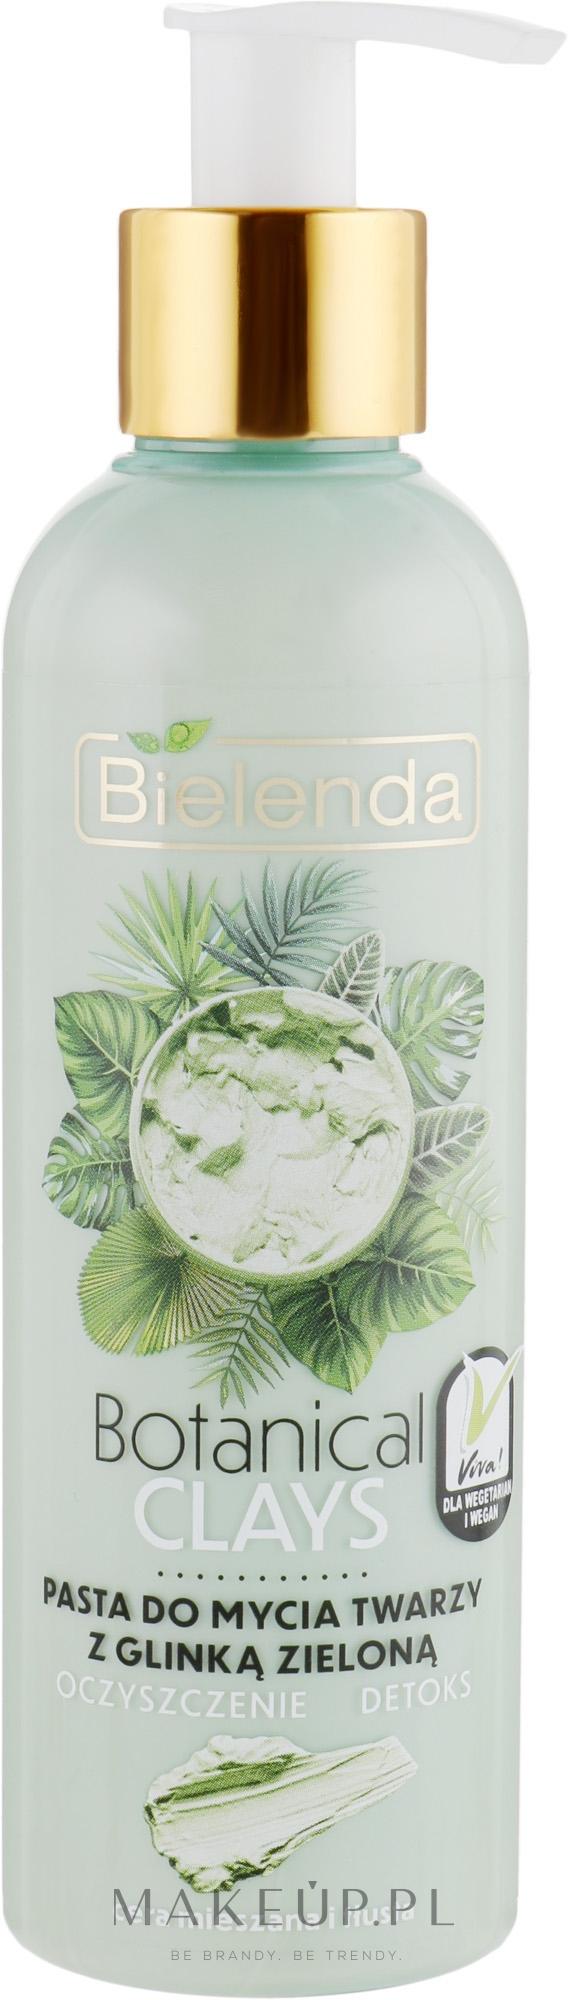 Pasta do mycia twarzy z glinką zieloną do cery mieszanej i tłustej Oczyszczenie i detoks - Bielenda Botanical Clays Vegan Face Wash Paste Green Clay — фото 190 g